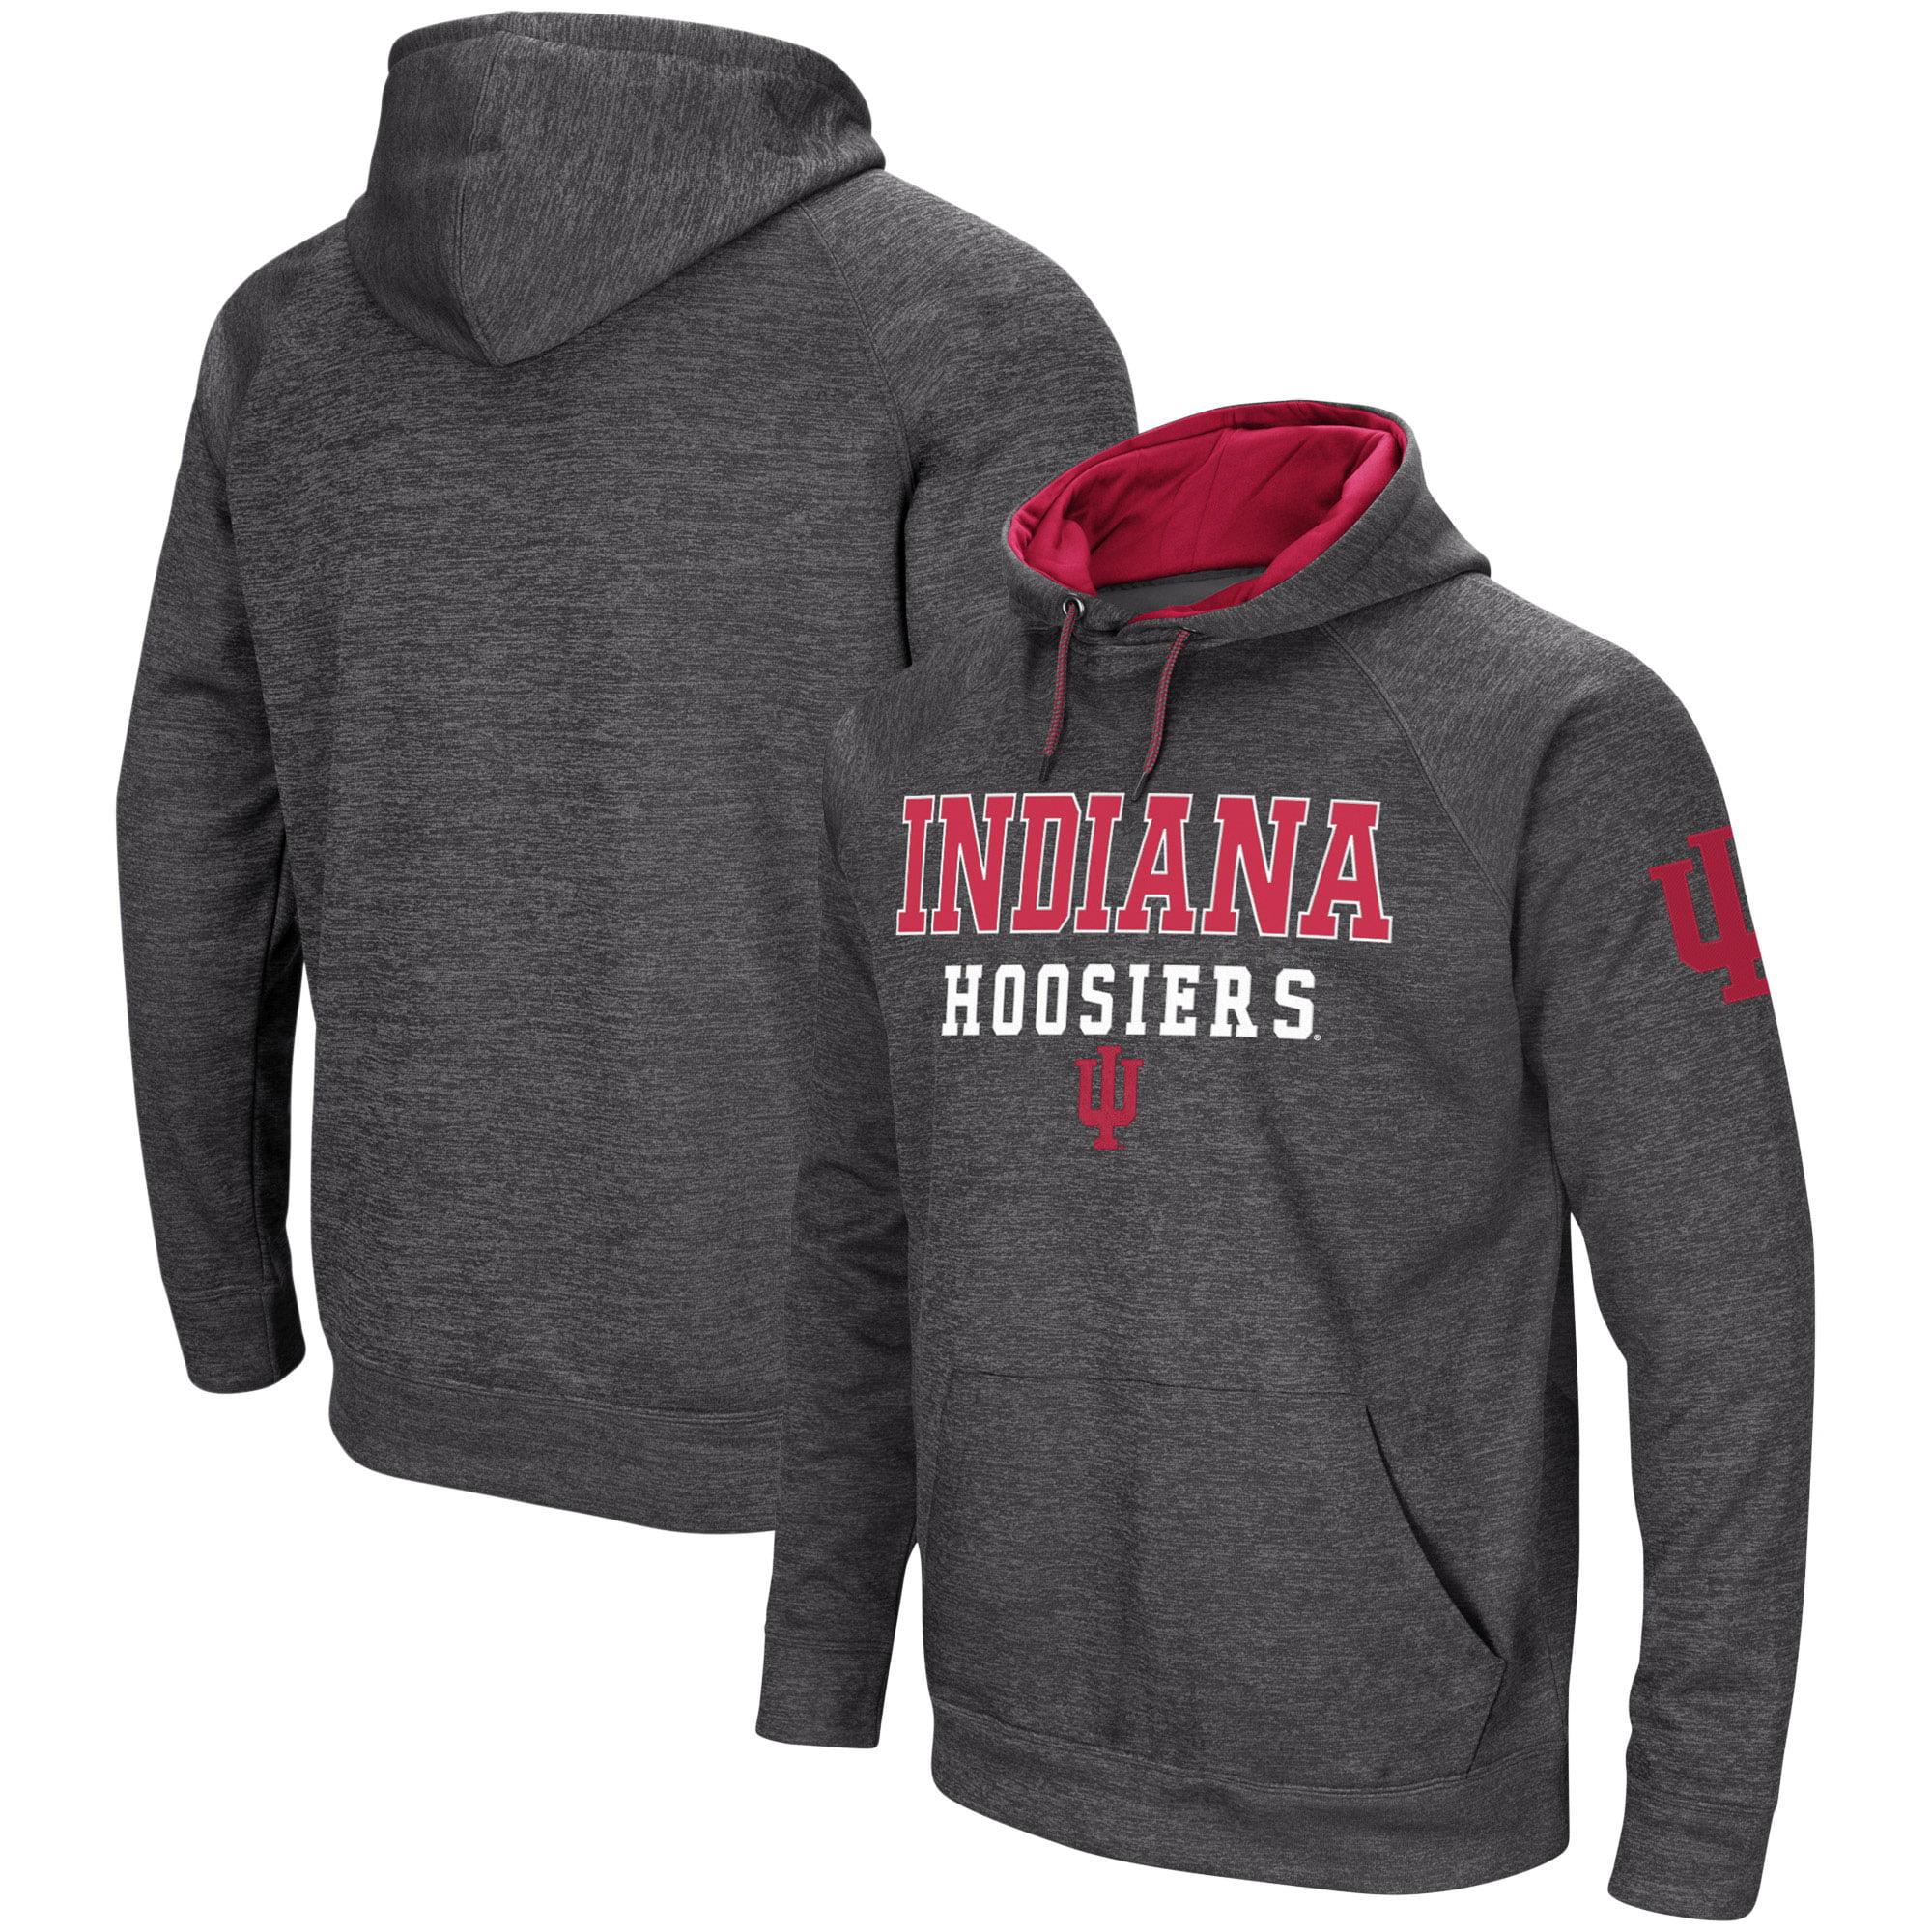 Indiana Hoosiers Team Shop